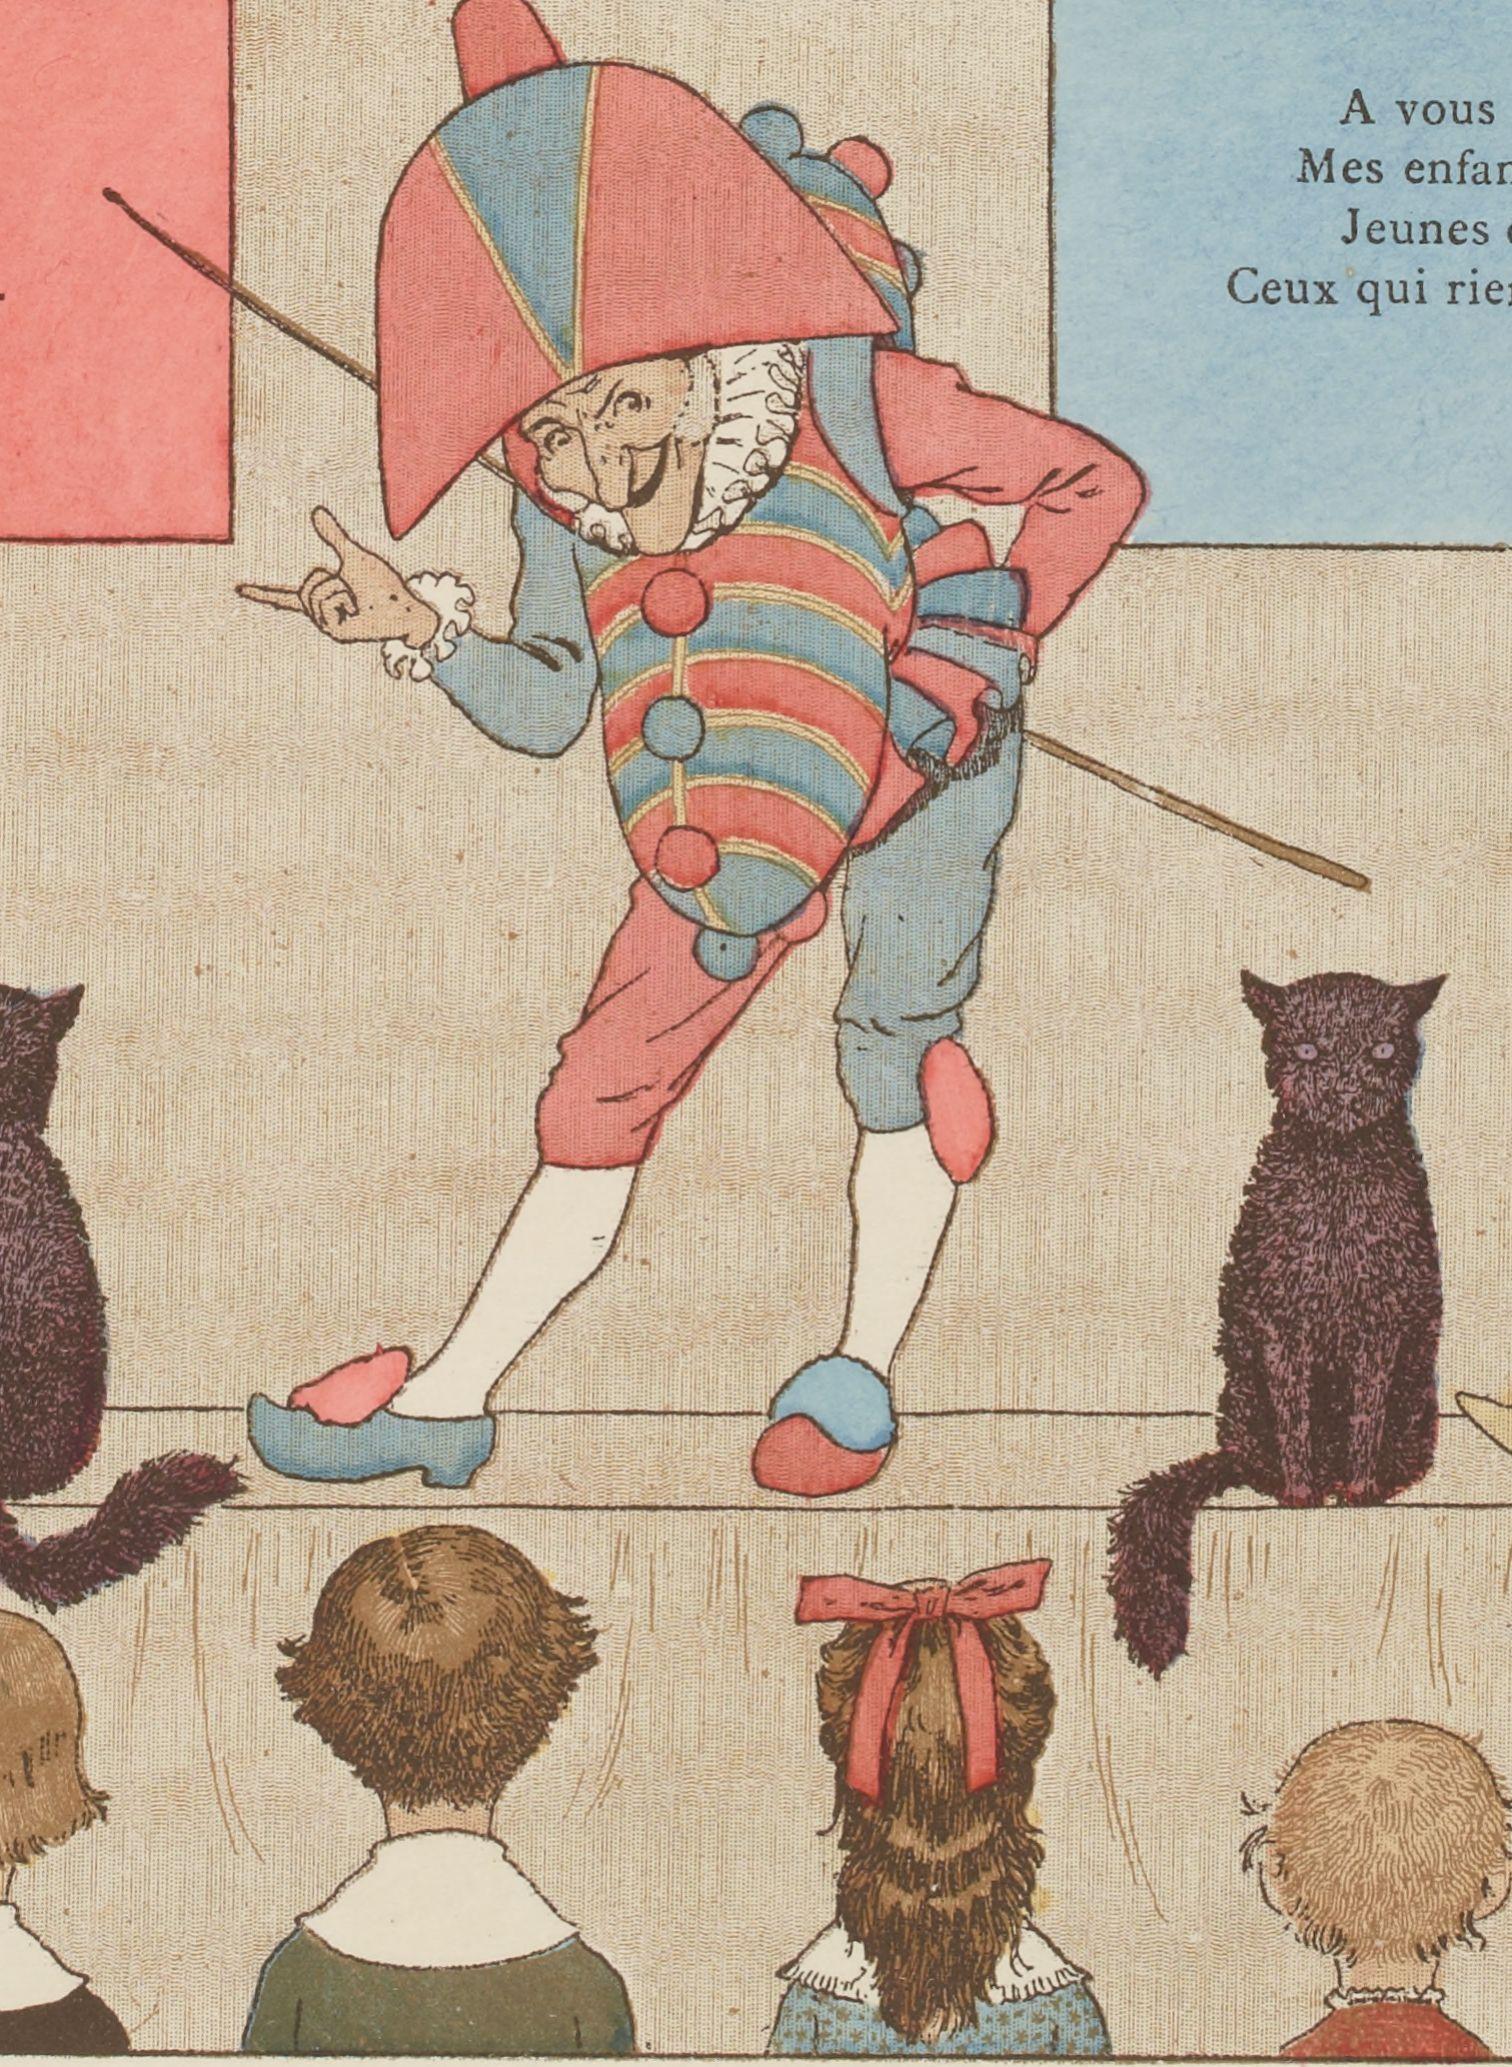 Vieilles chansons et rondes pour les petits enfants, ill. Boutet de Monvel, 1884